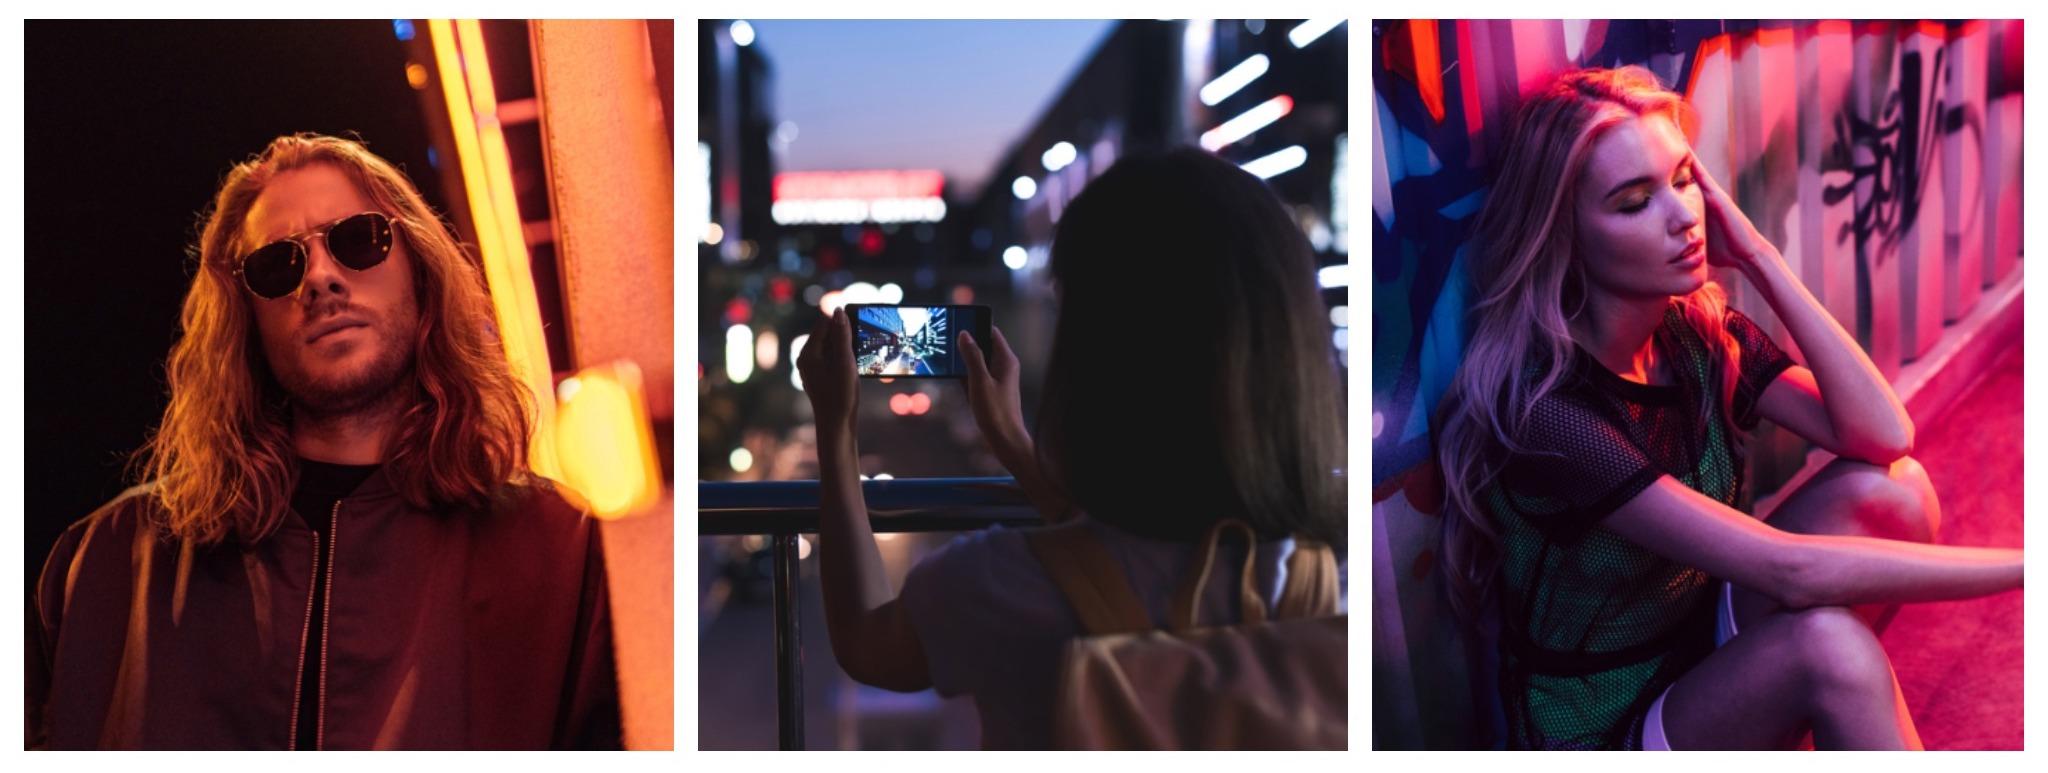 Spontaneous streetlife photography